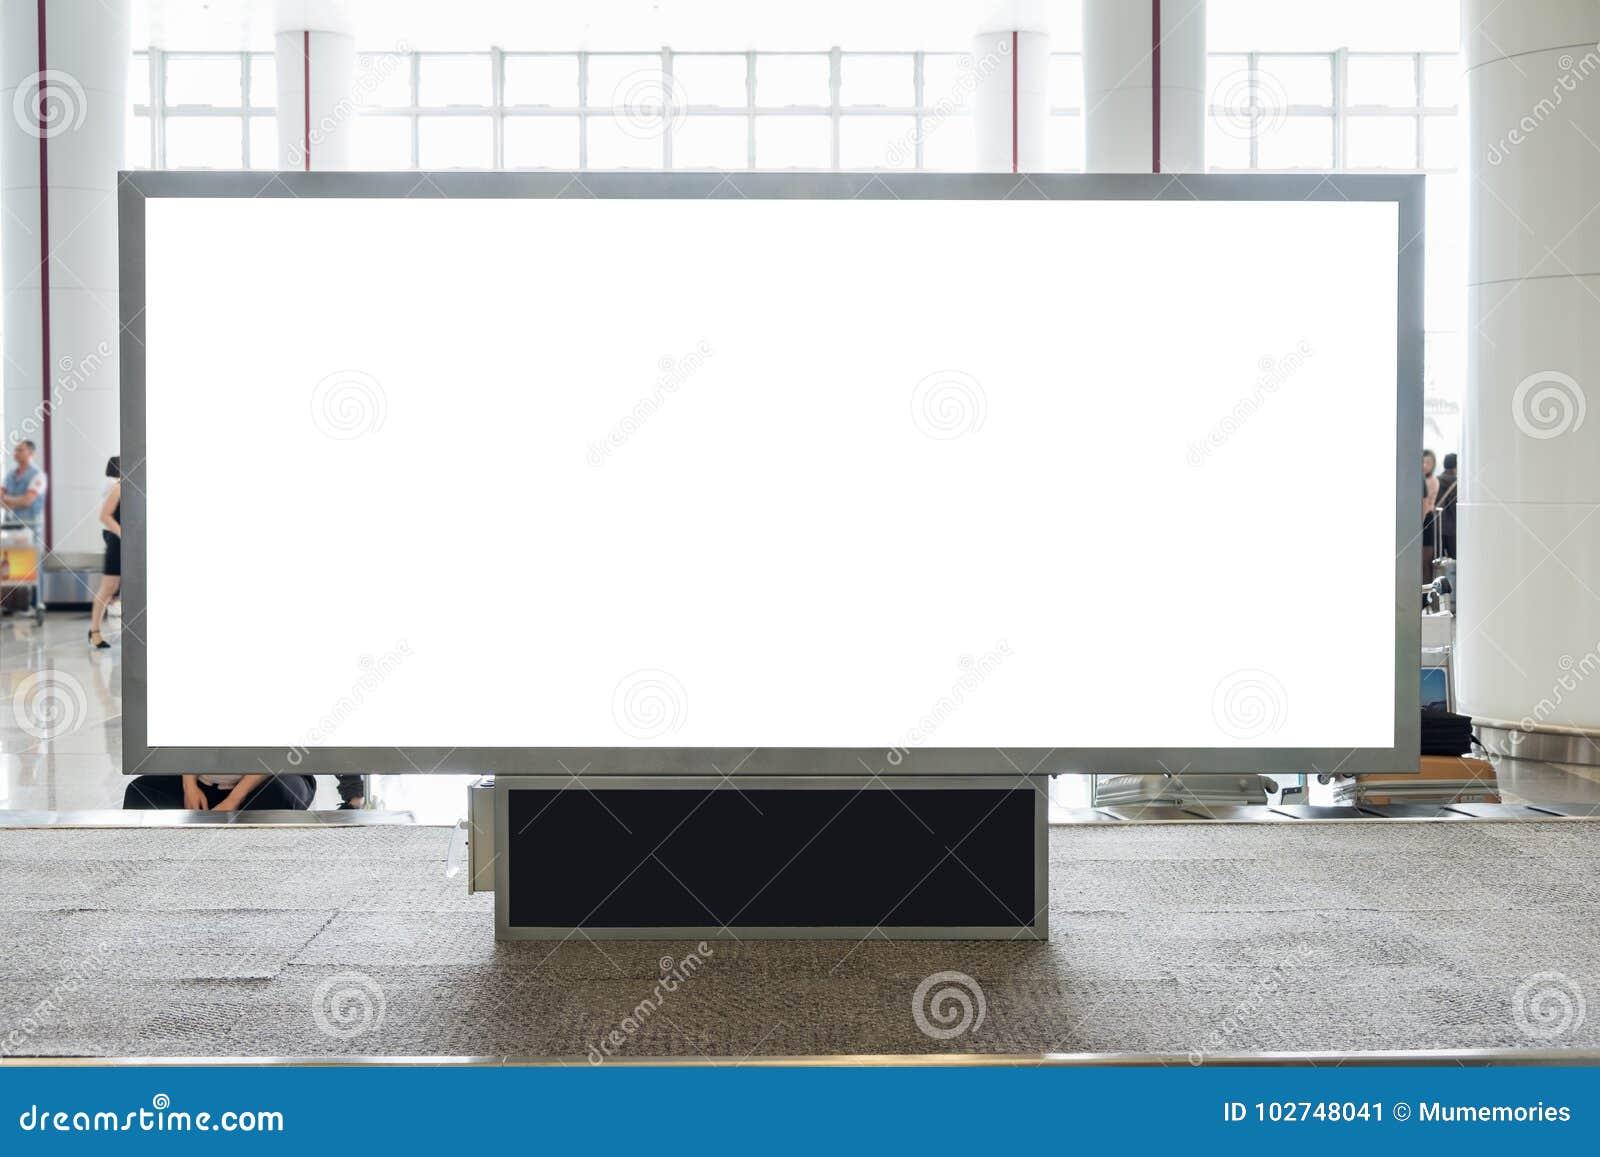 Ψηφιακός κενός πίνακας διαφημίσεων με το διάστημα αντιγράφων για τη διαφήμιση, δημόσια